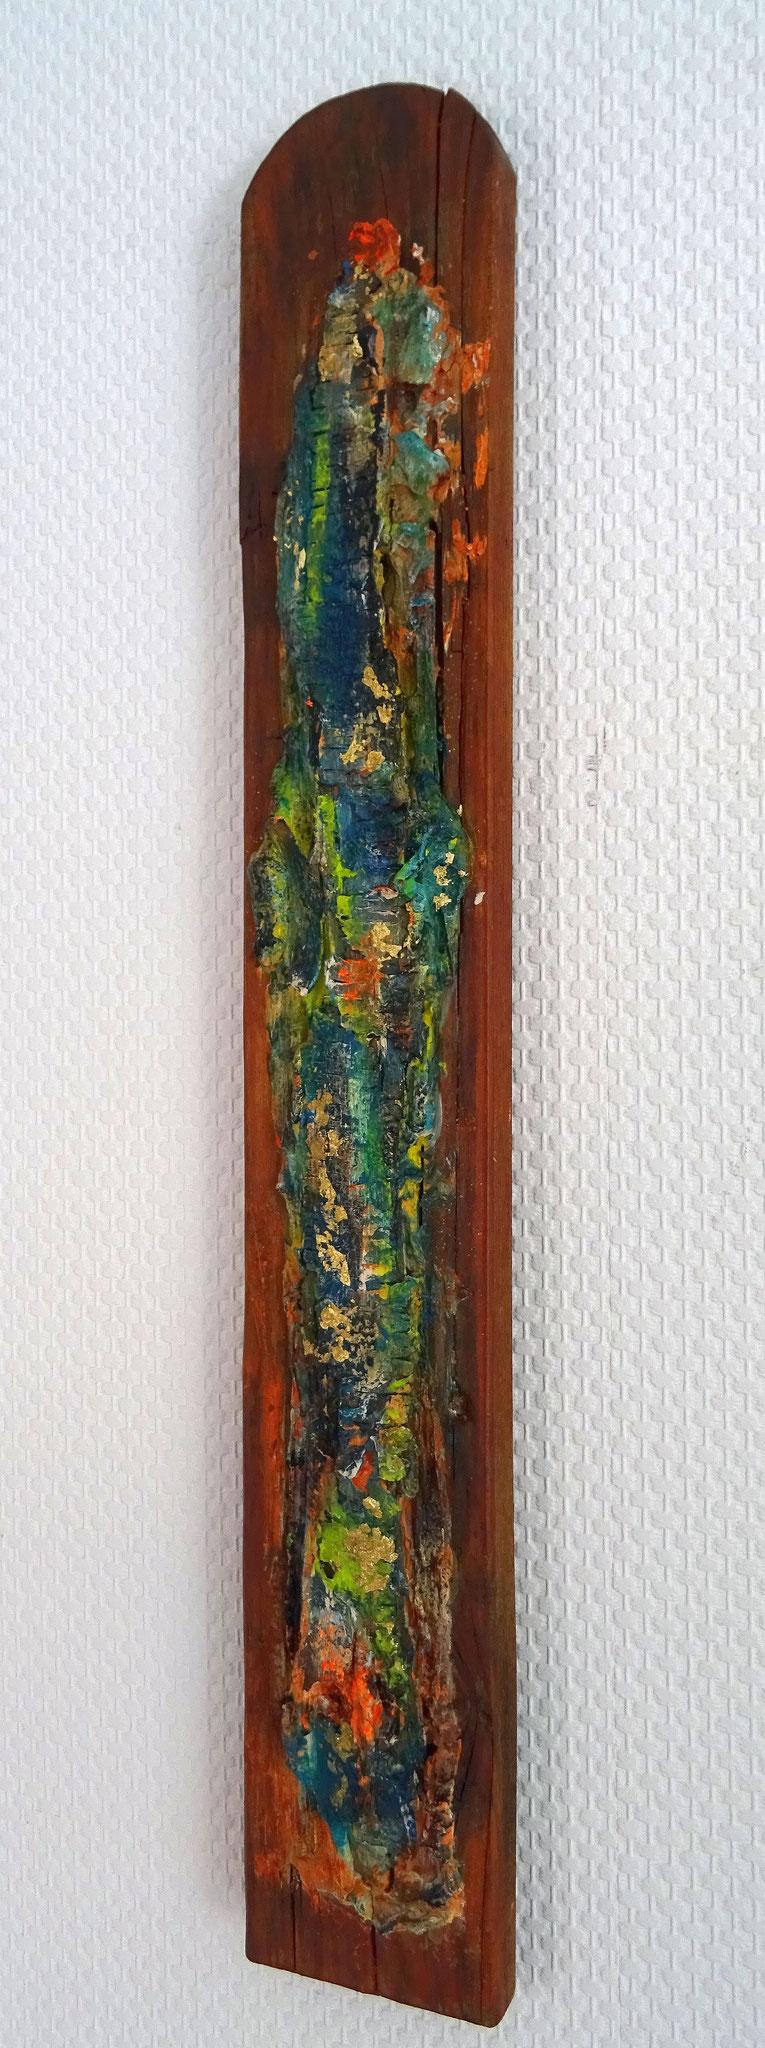 """Grenzposten (8,5x60x2) - aus der Kunst-Reihe """"Back to nature"""" - Applikation auf Holz mir RInde und Borke"""